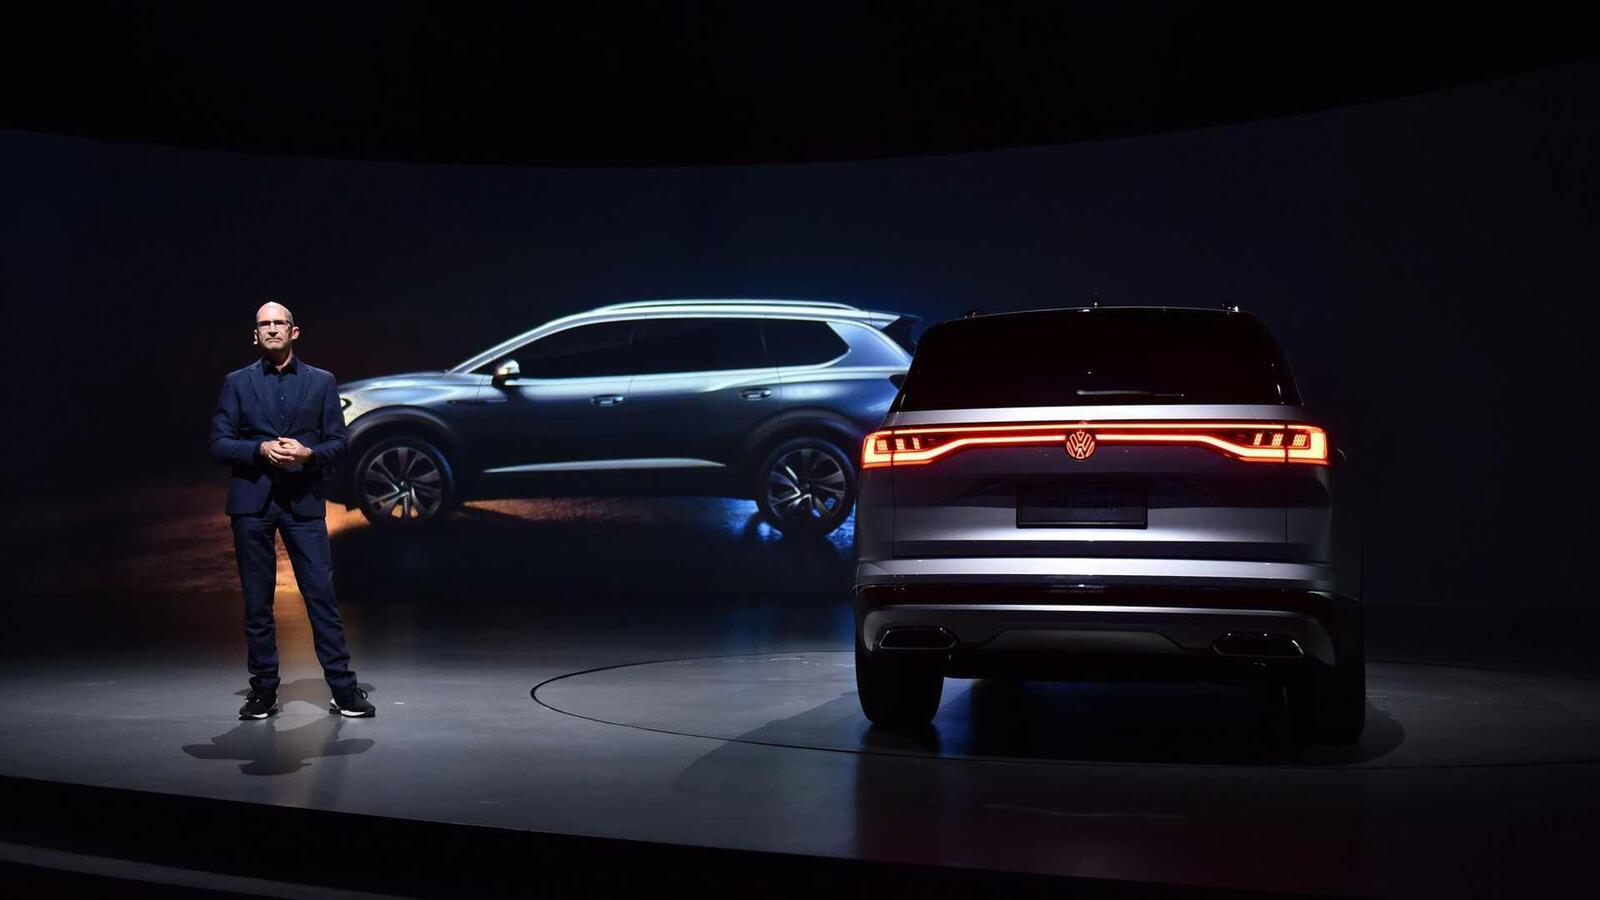 Volkswagen giới thiệu SUV SMV Concept hoàn toàn mới: Dài hơn 5m và lớn hơn cả Touareg - Hình 6